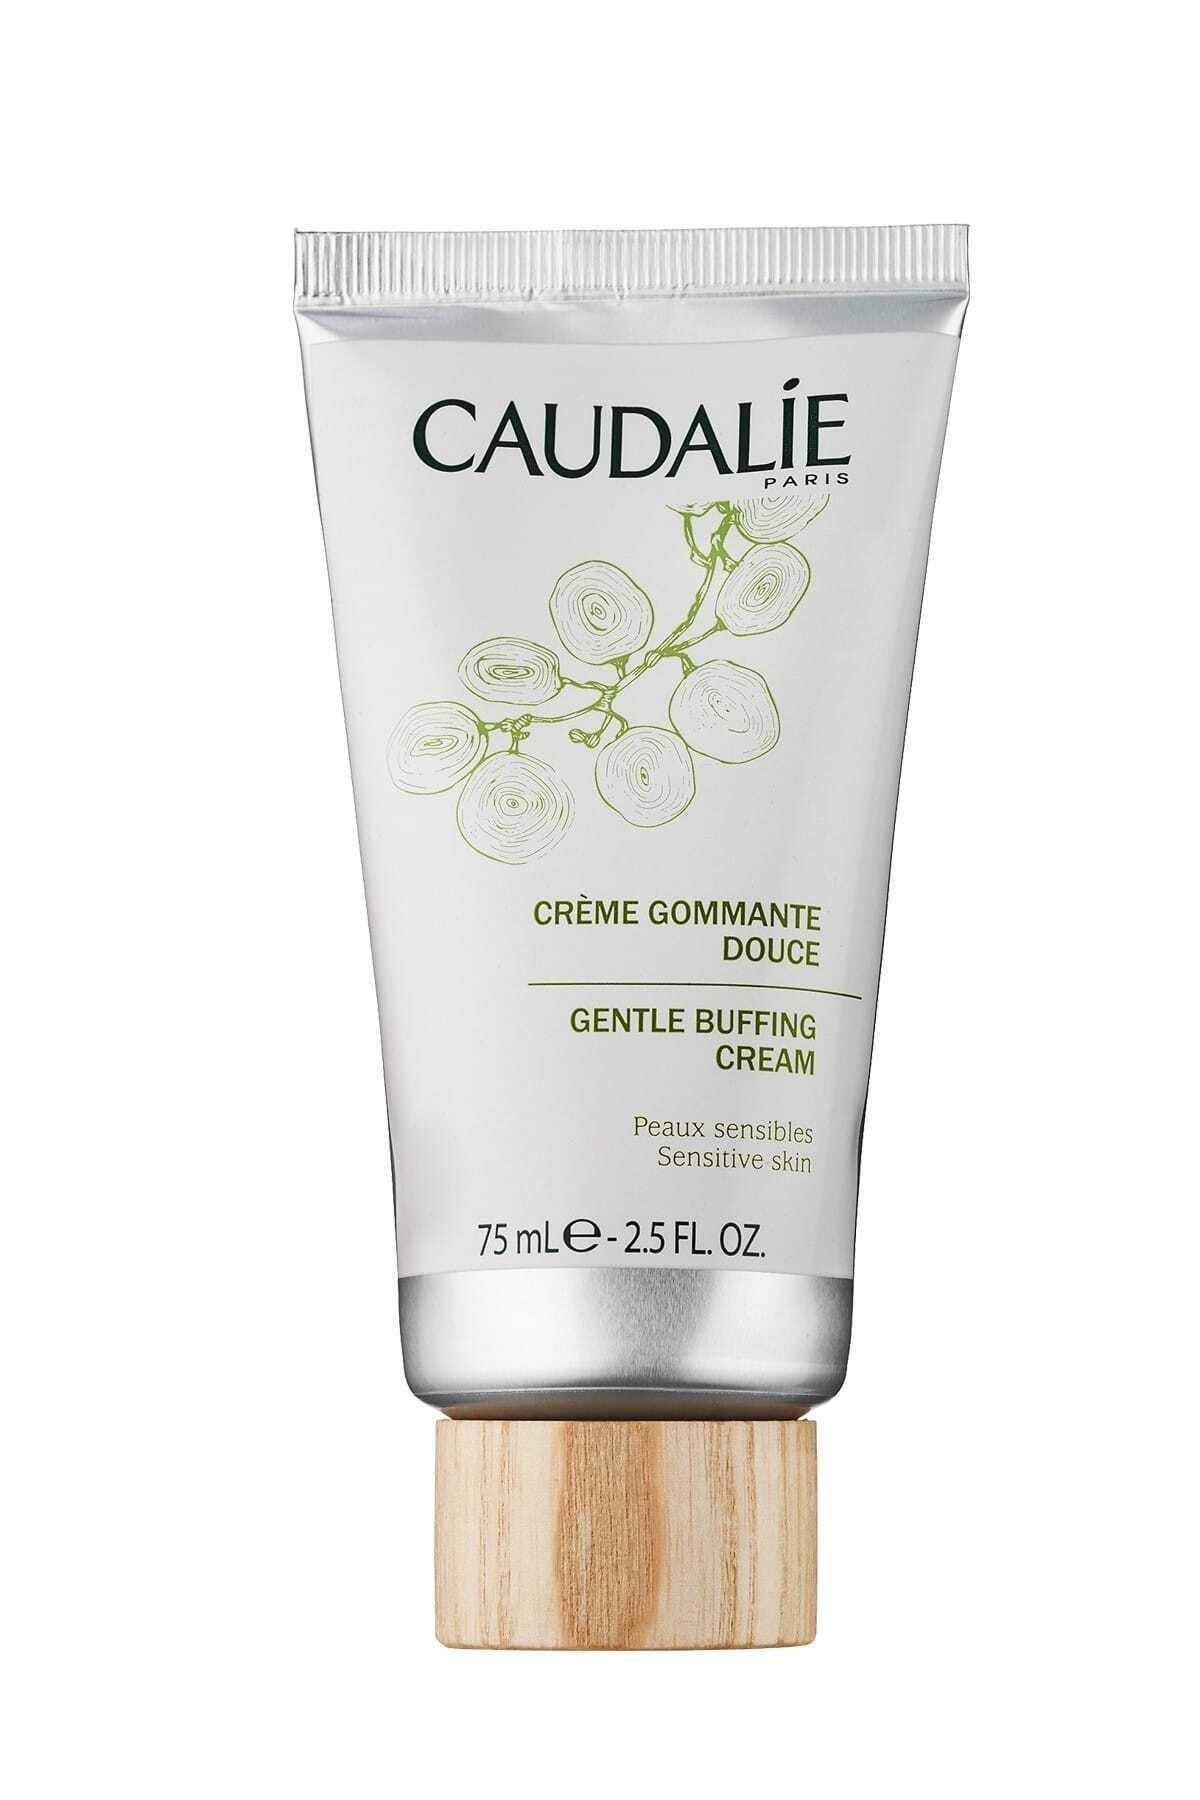 Caudalie Gentle Buffıng Cream 75 ml 1